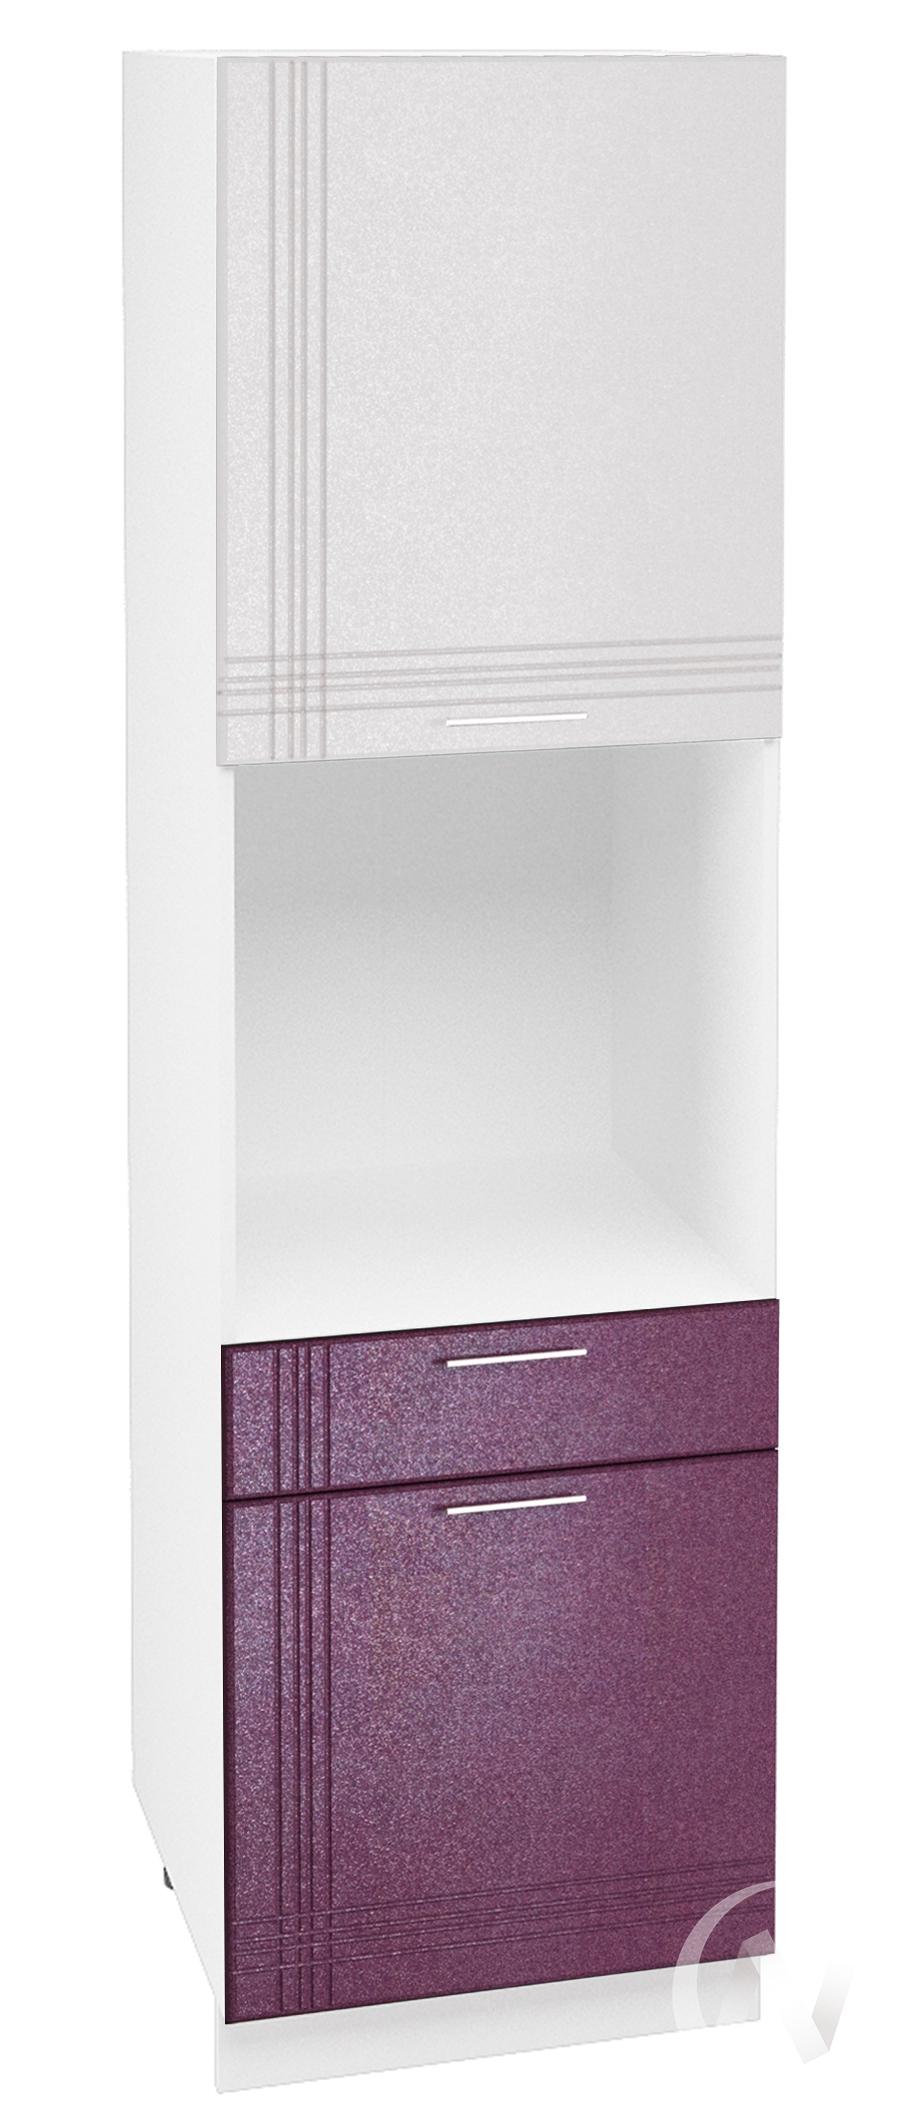 """Кухня """"Струна"""": Шкаф пенал с ящиком 600, ШП1Я 600 (белый/фиолетовый металлик/корпус белый)"""